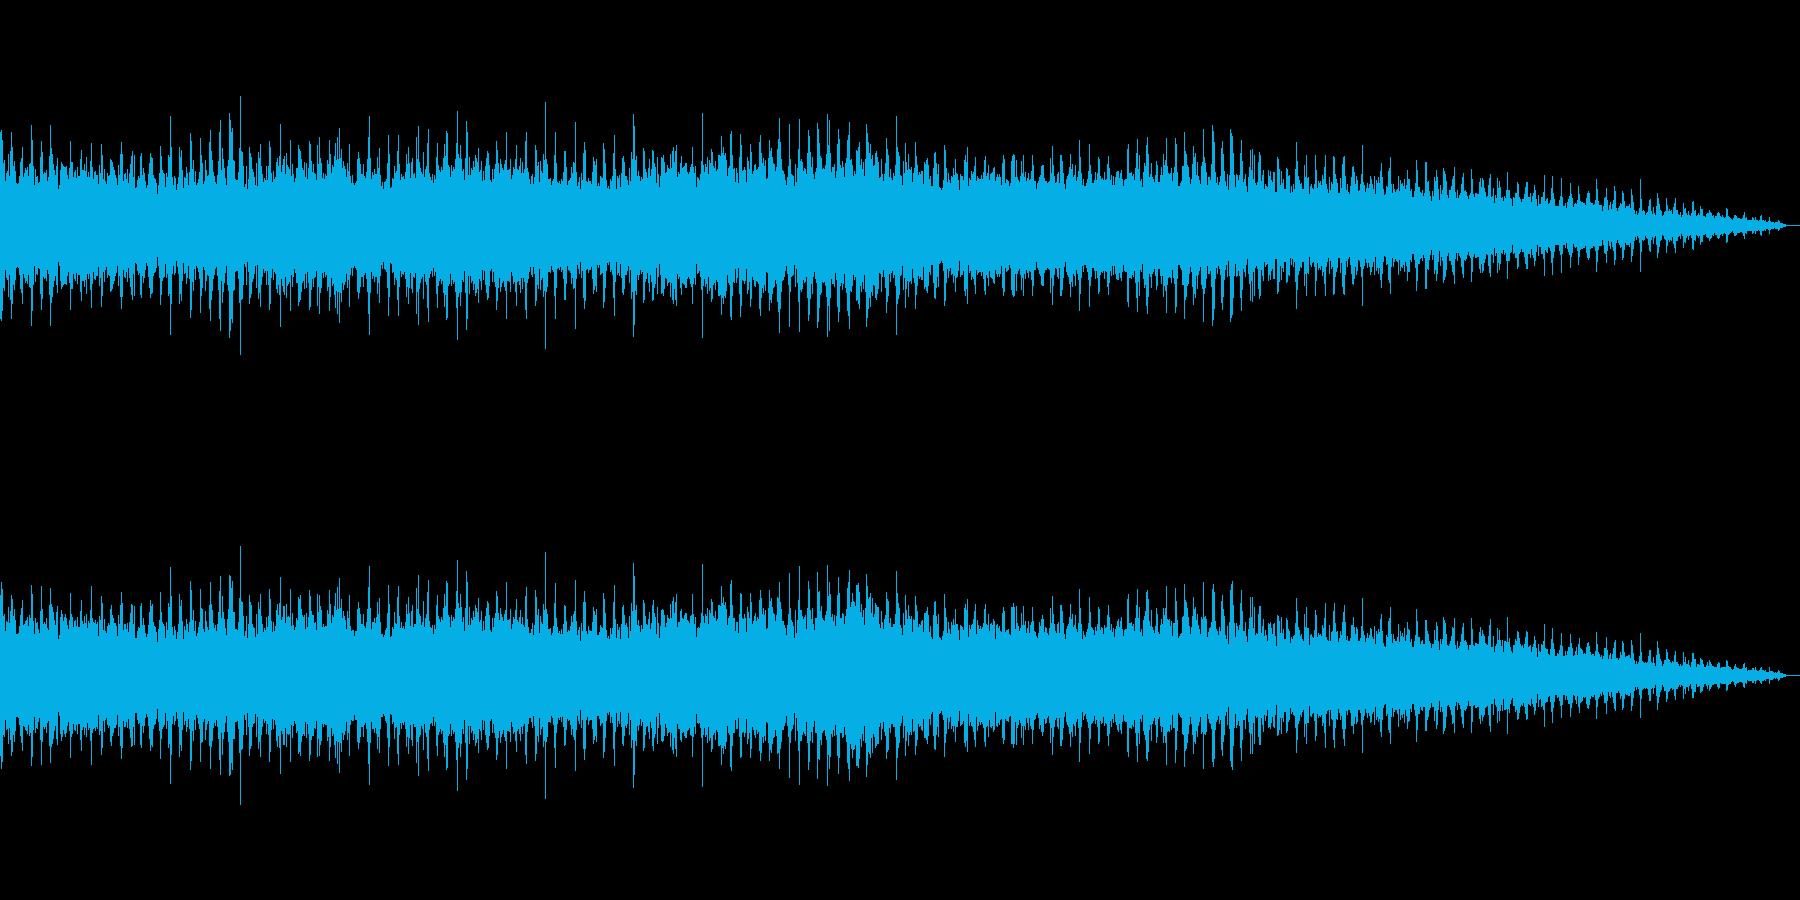 ヘリコプター/プロペラ/エンジン音!02の再生済みの波形